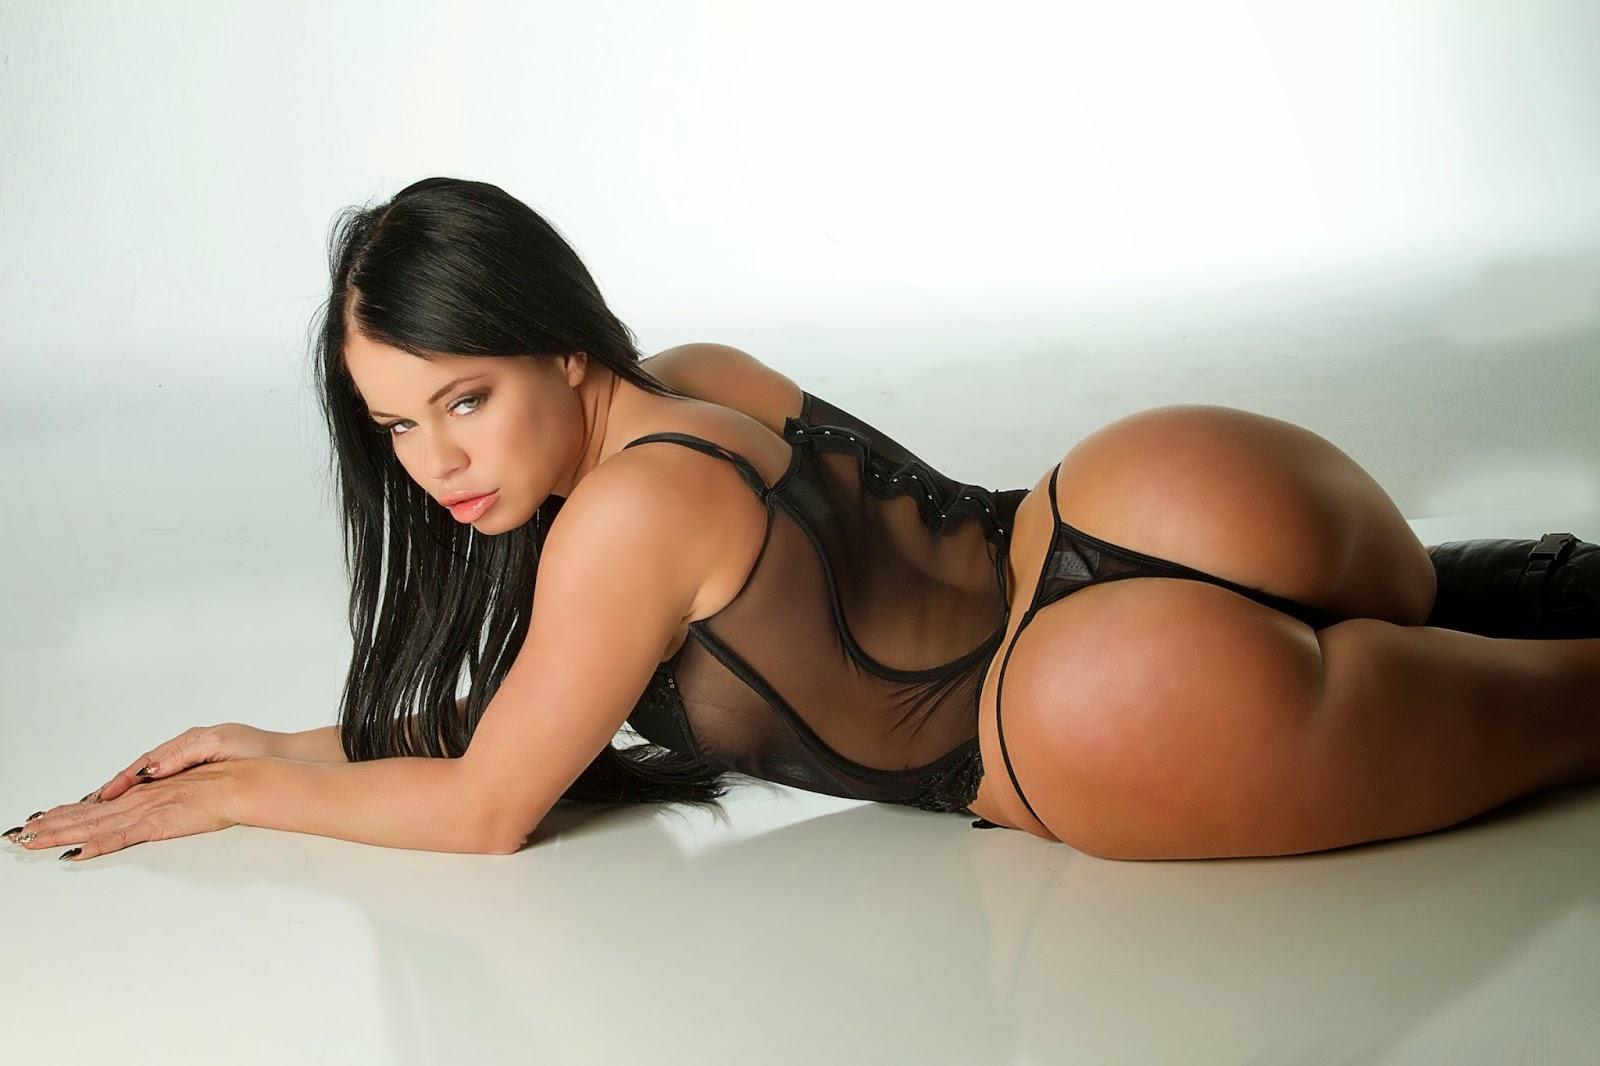 Big booty big boobs ebony